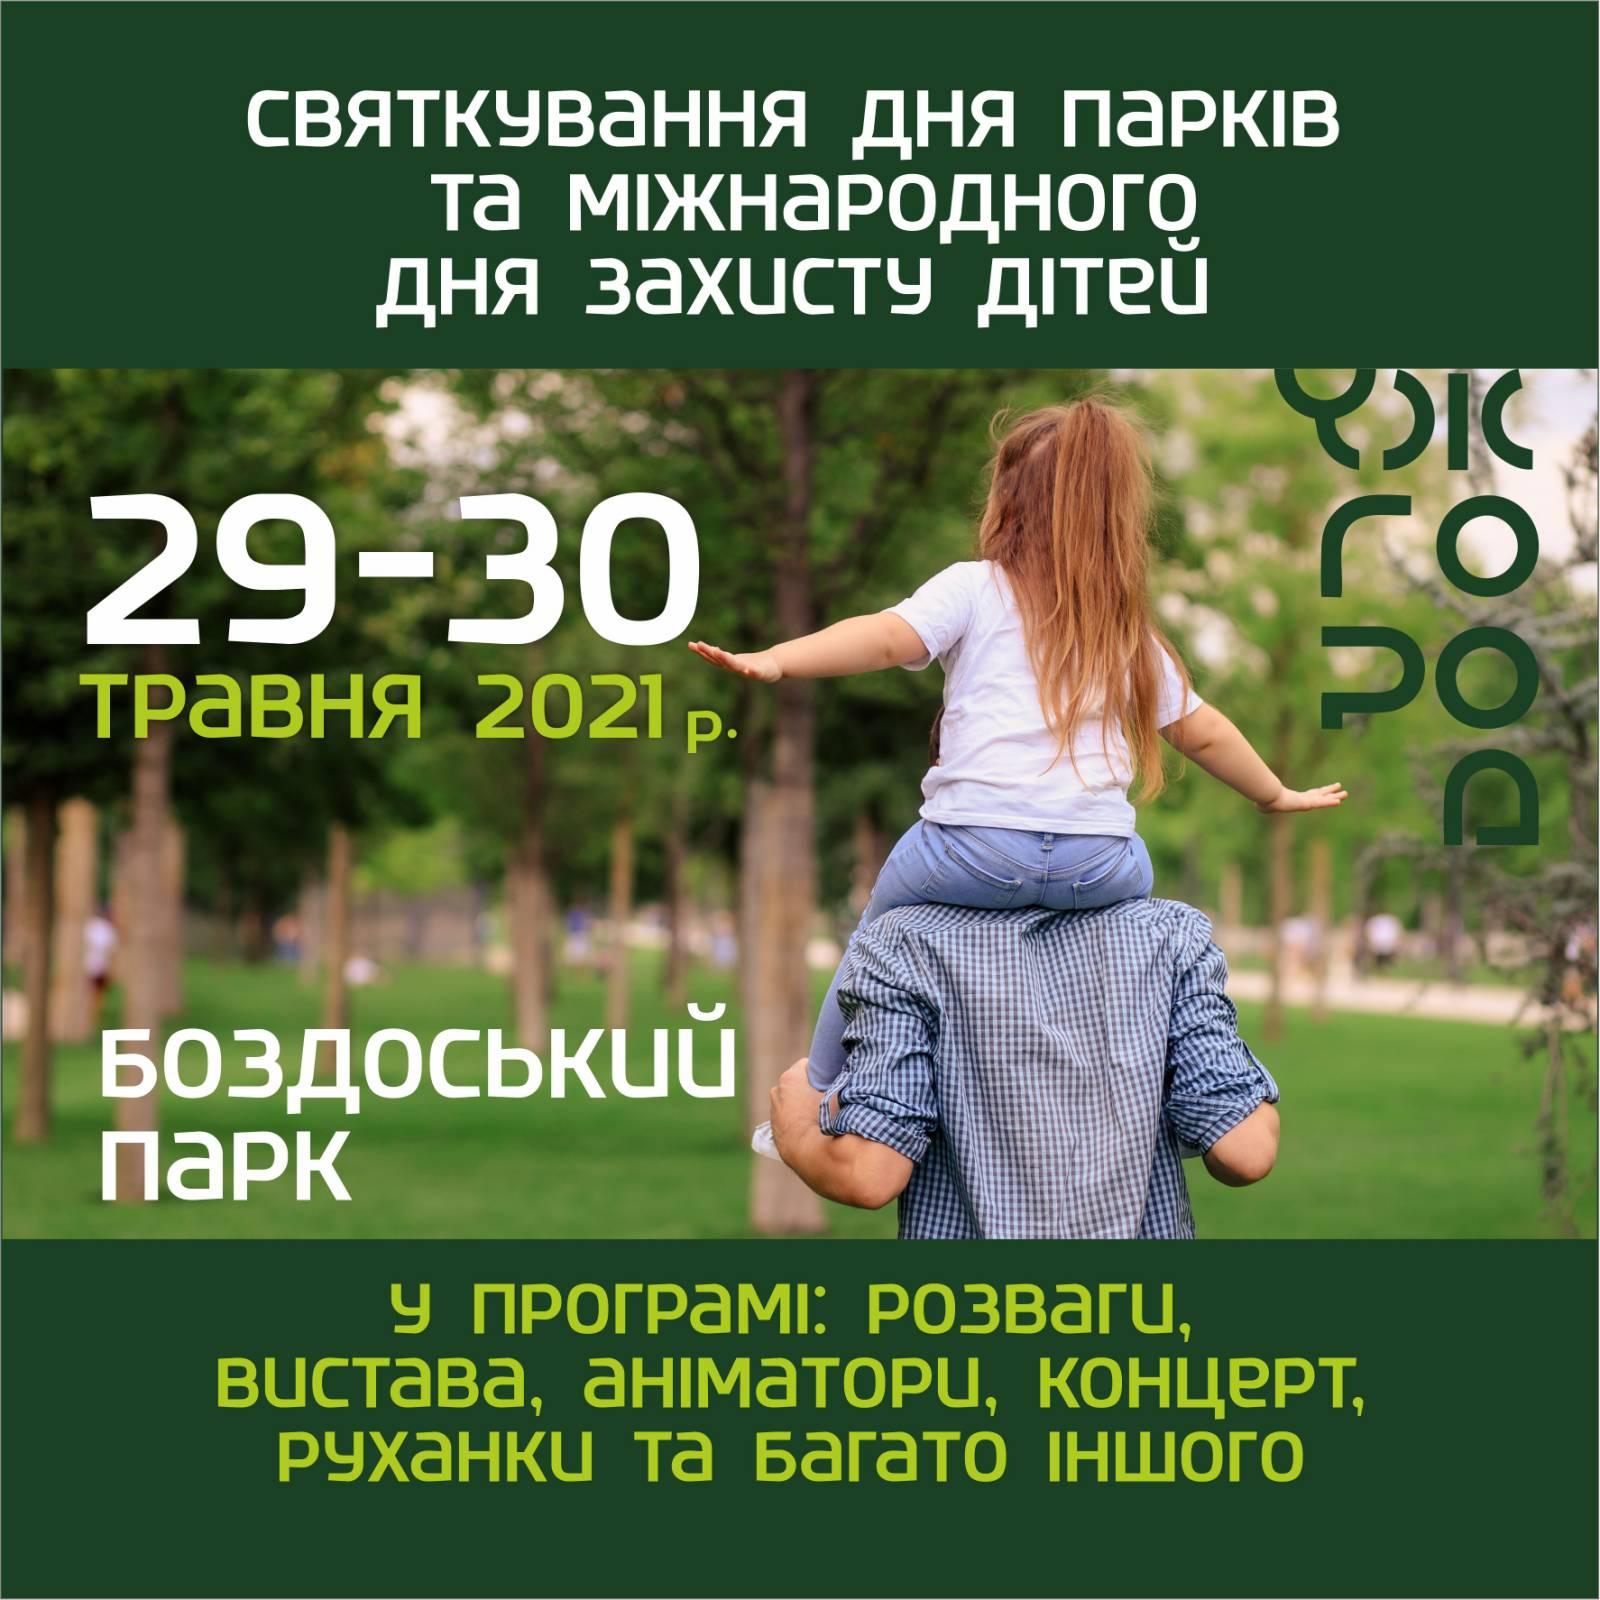 Про це інформують у прес-службі Ужгородської міської ради.